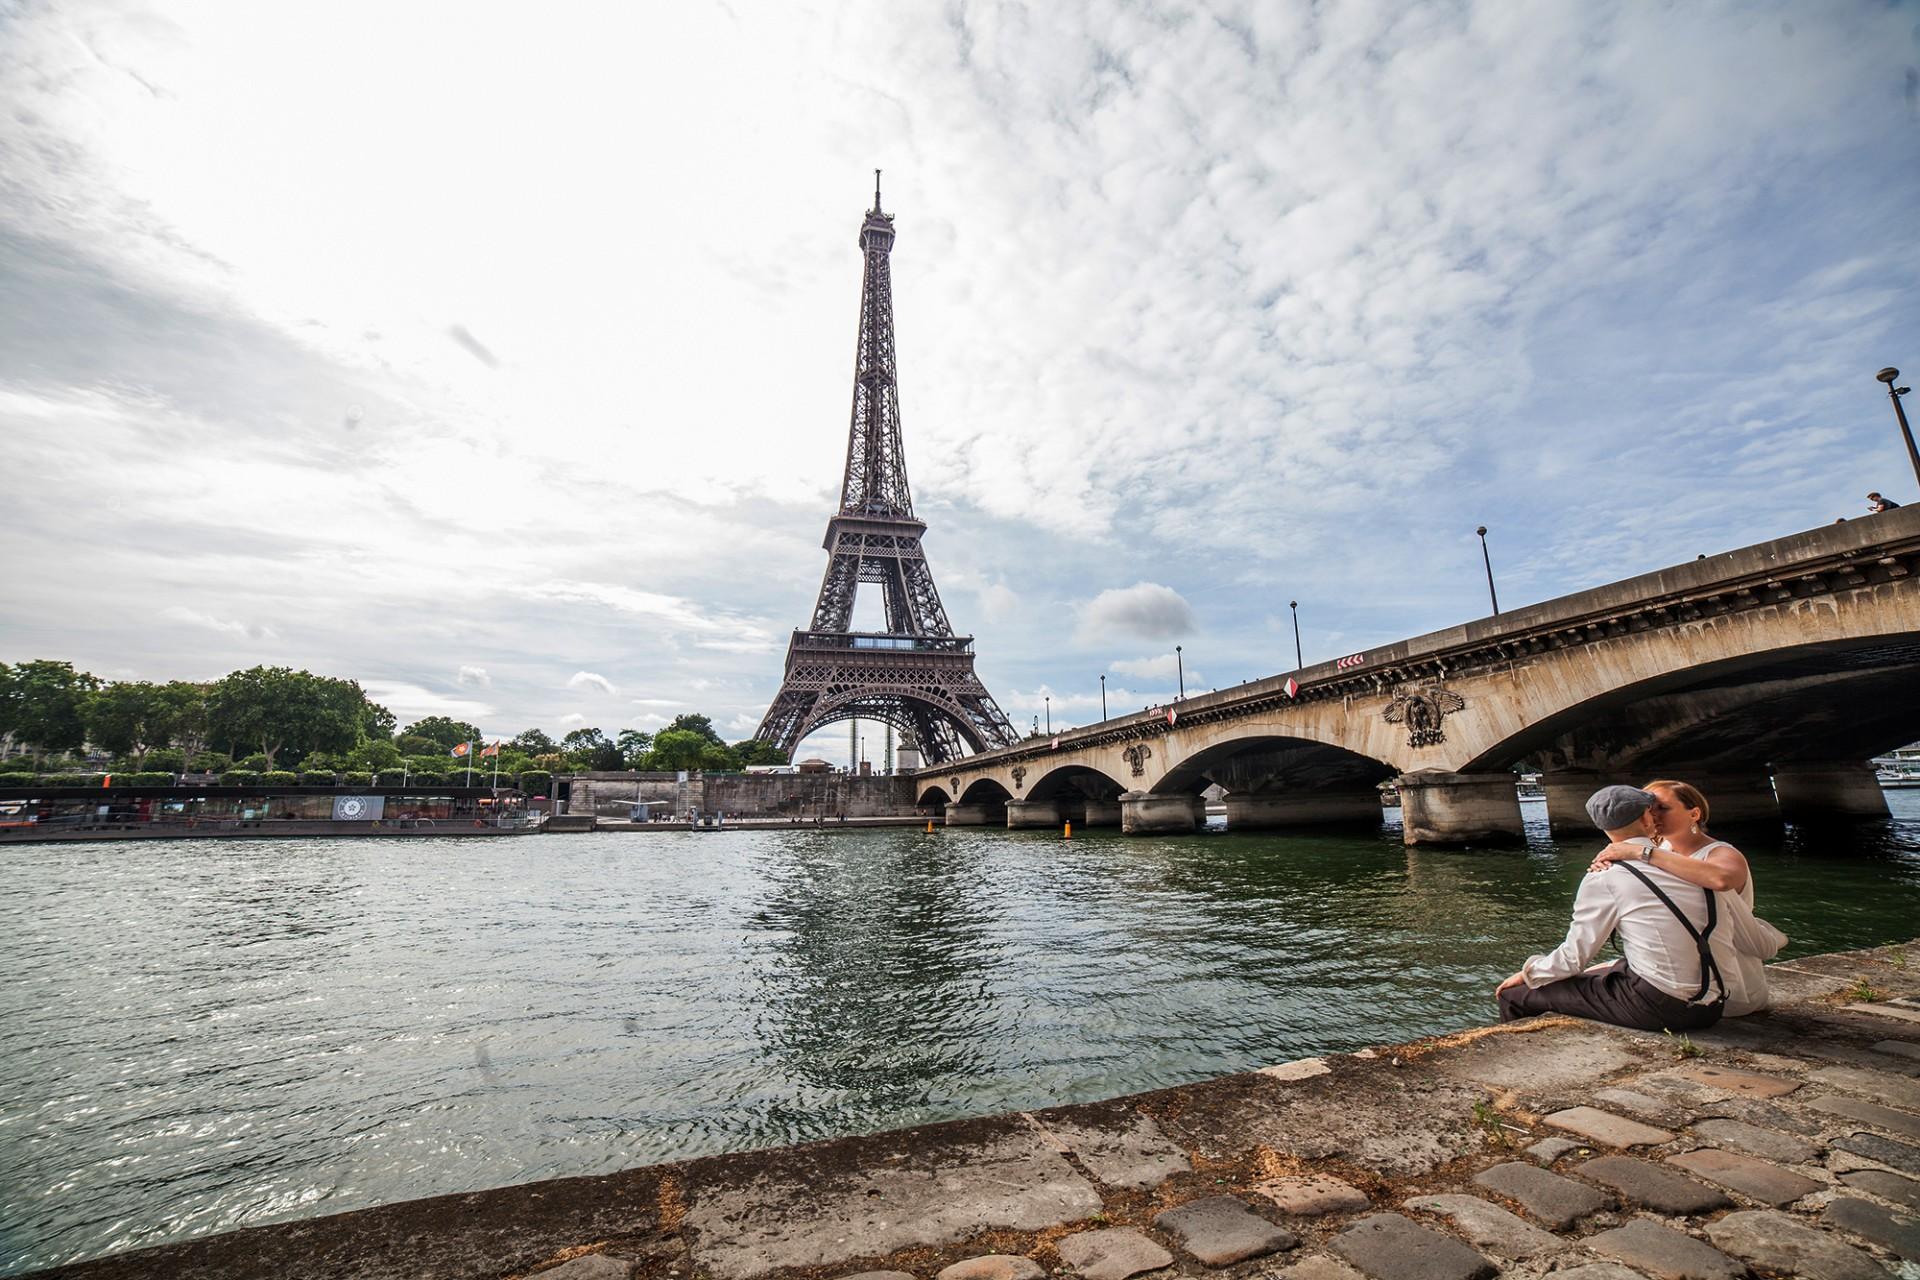 Fotograf in Paris